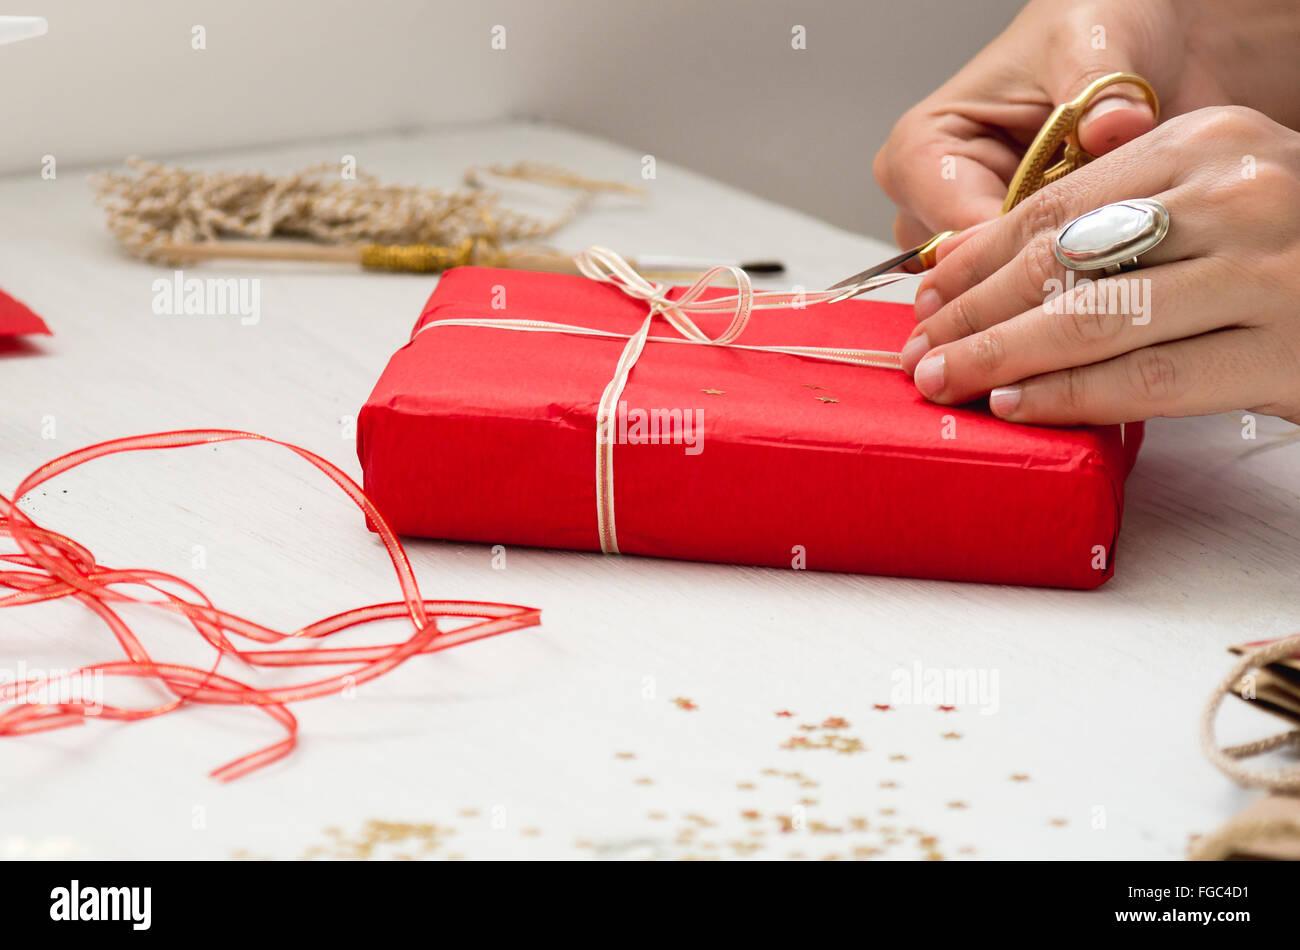 Bild von Hand schneiden Band am Geschenk am Tisch beschnitten Stockbild